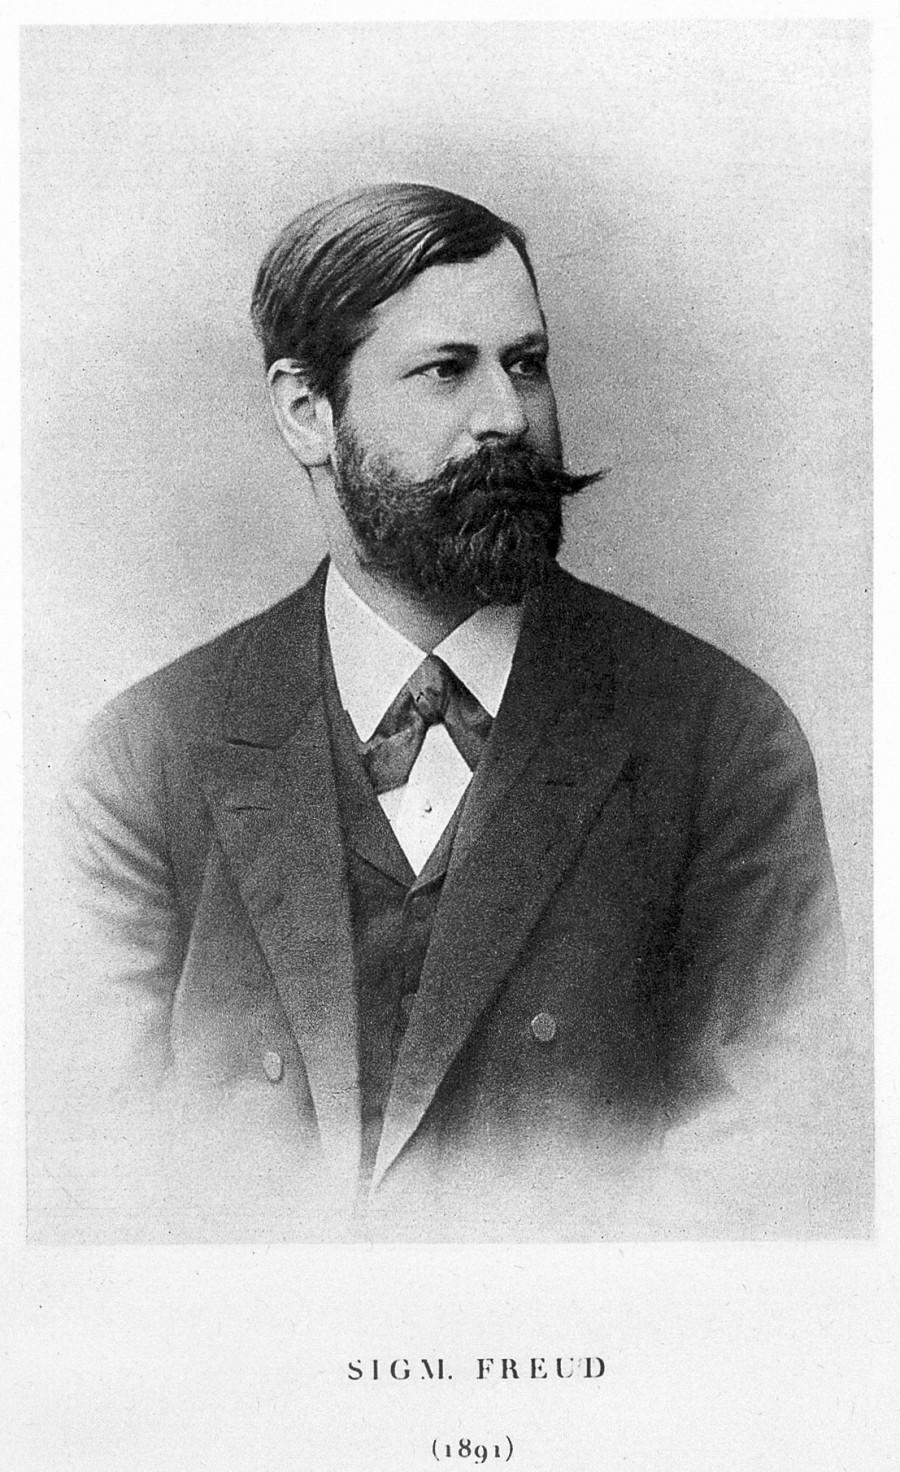 Фотография тридцатипятилетнего Зигмунда Фрейда, 1891 год